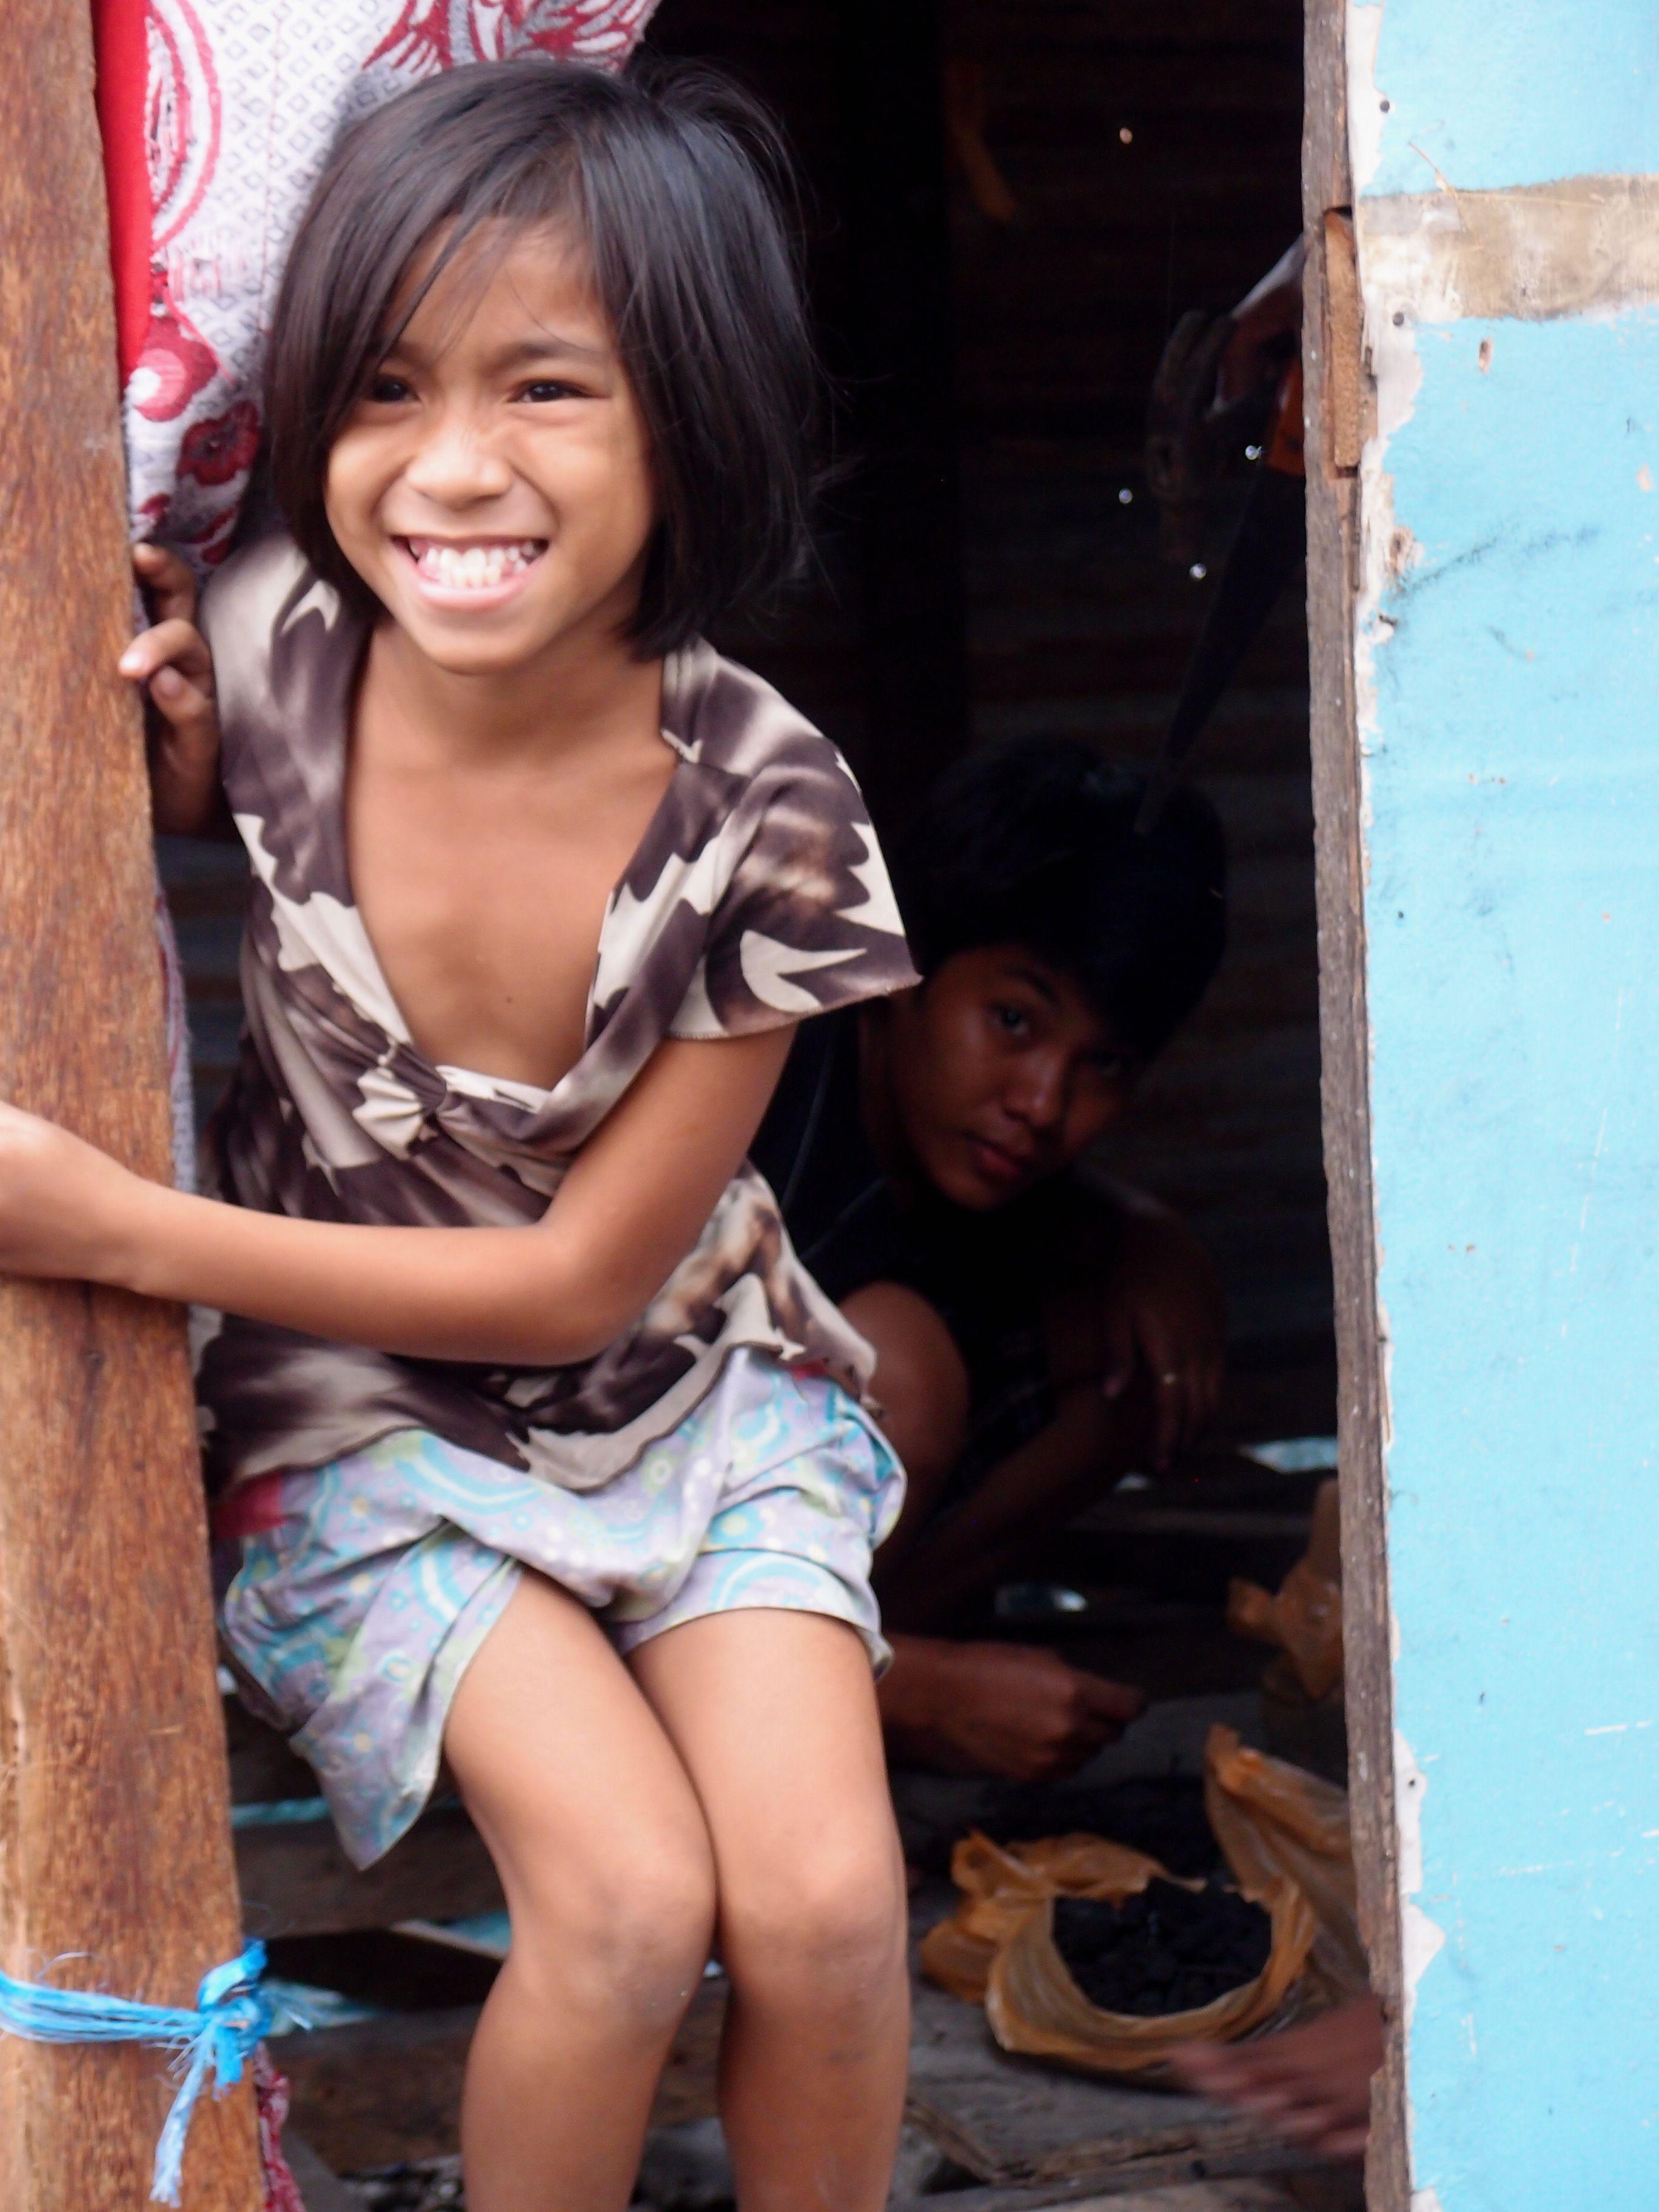 Exploitation sexuelle des enfants aux Philippines - Humanium